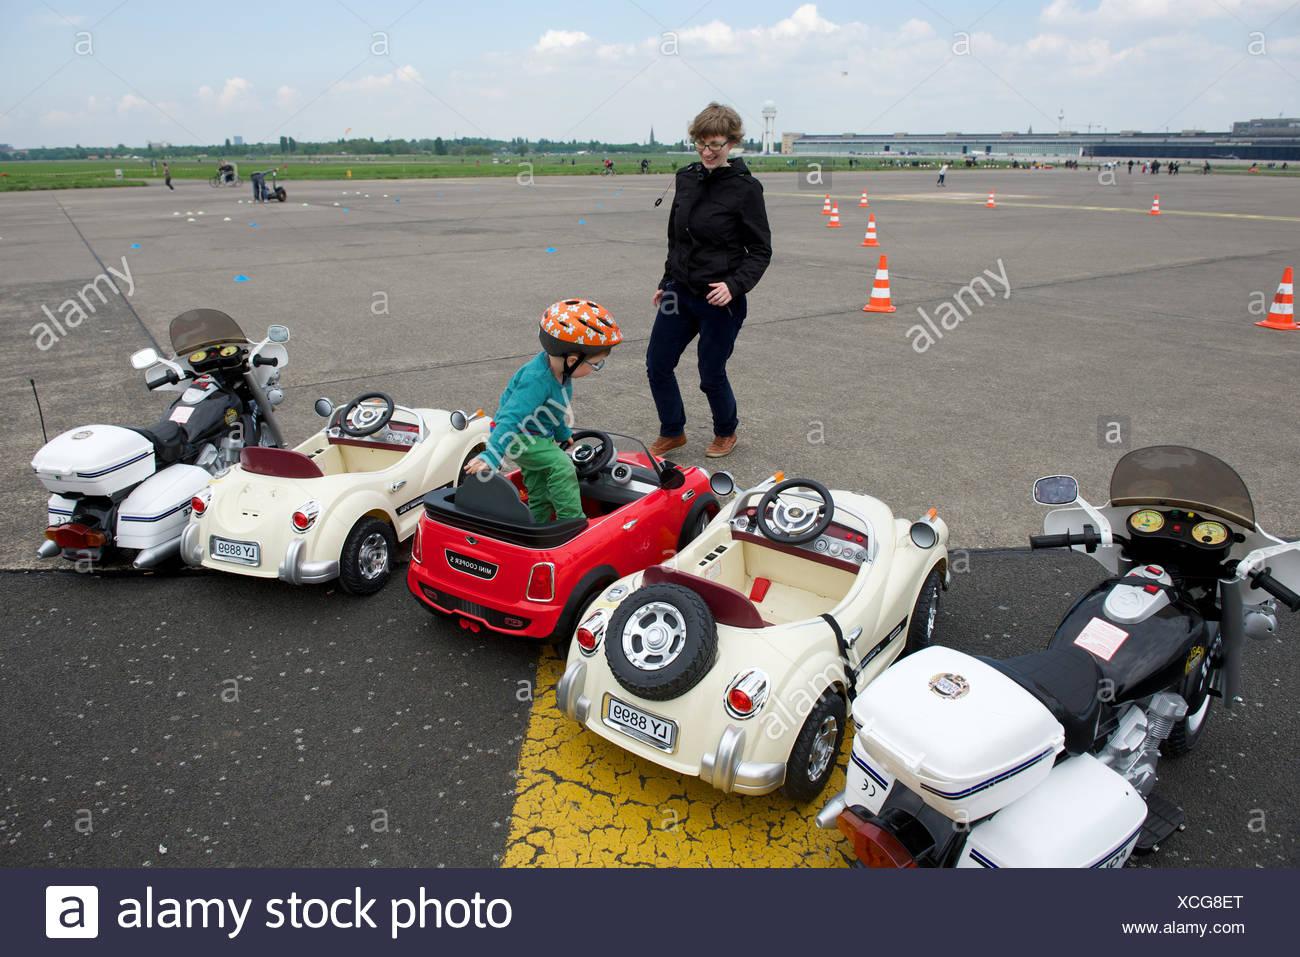 Freizeitbeschäftigung im Freizeitpark auf dem Gelände nicht mehr verwendet, Flughafen Tempelhof, Berlin. Stockbild